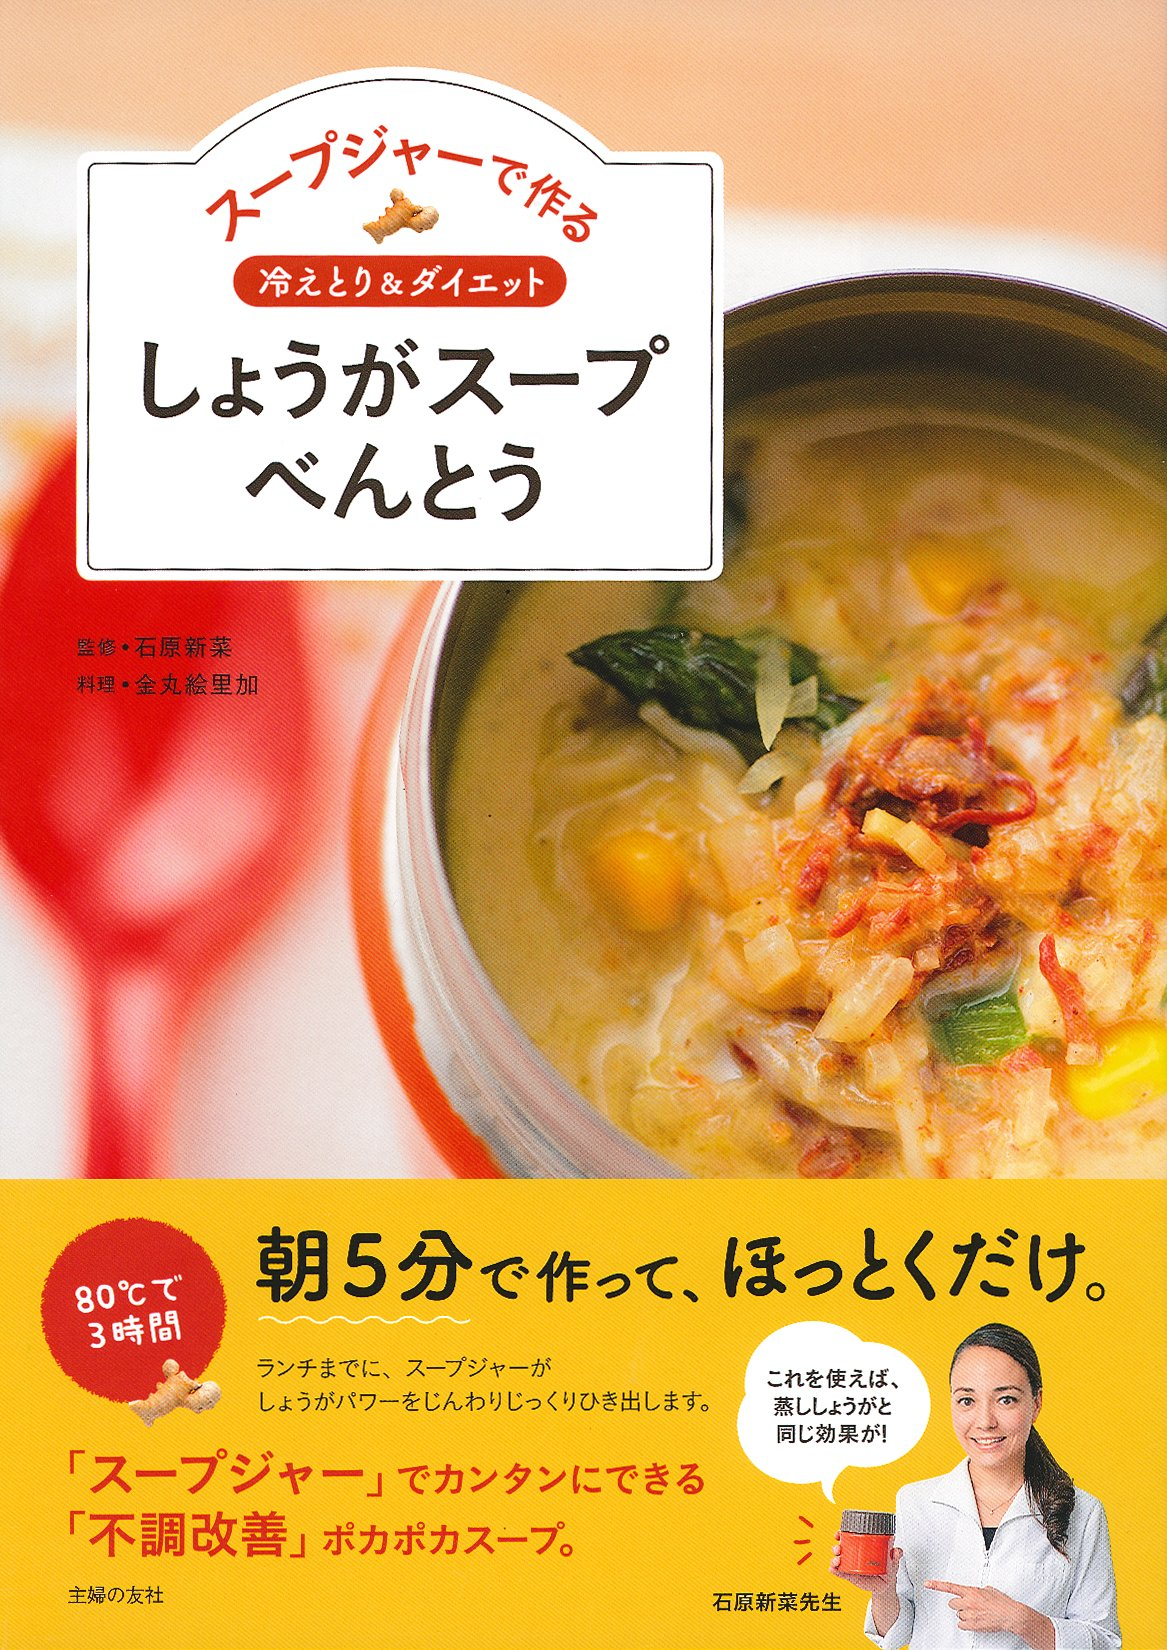 スープジャーで作る 冷えとり&ダイエット しょうがスープべんとう ...